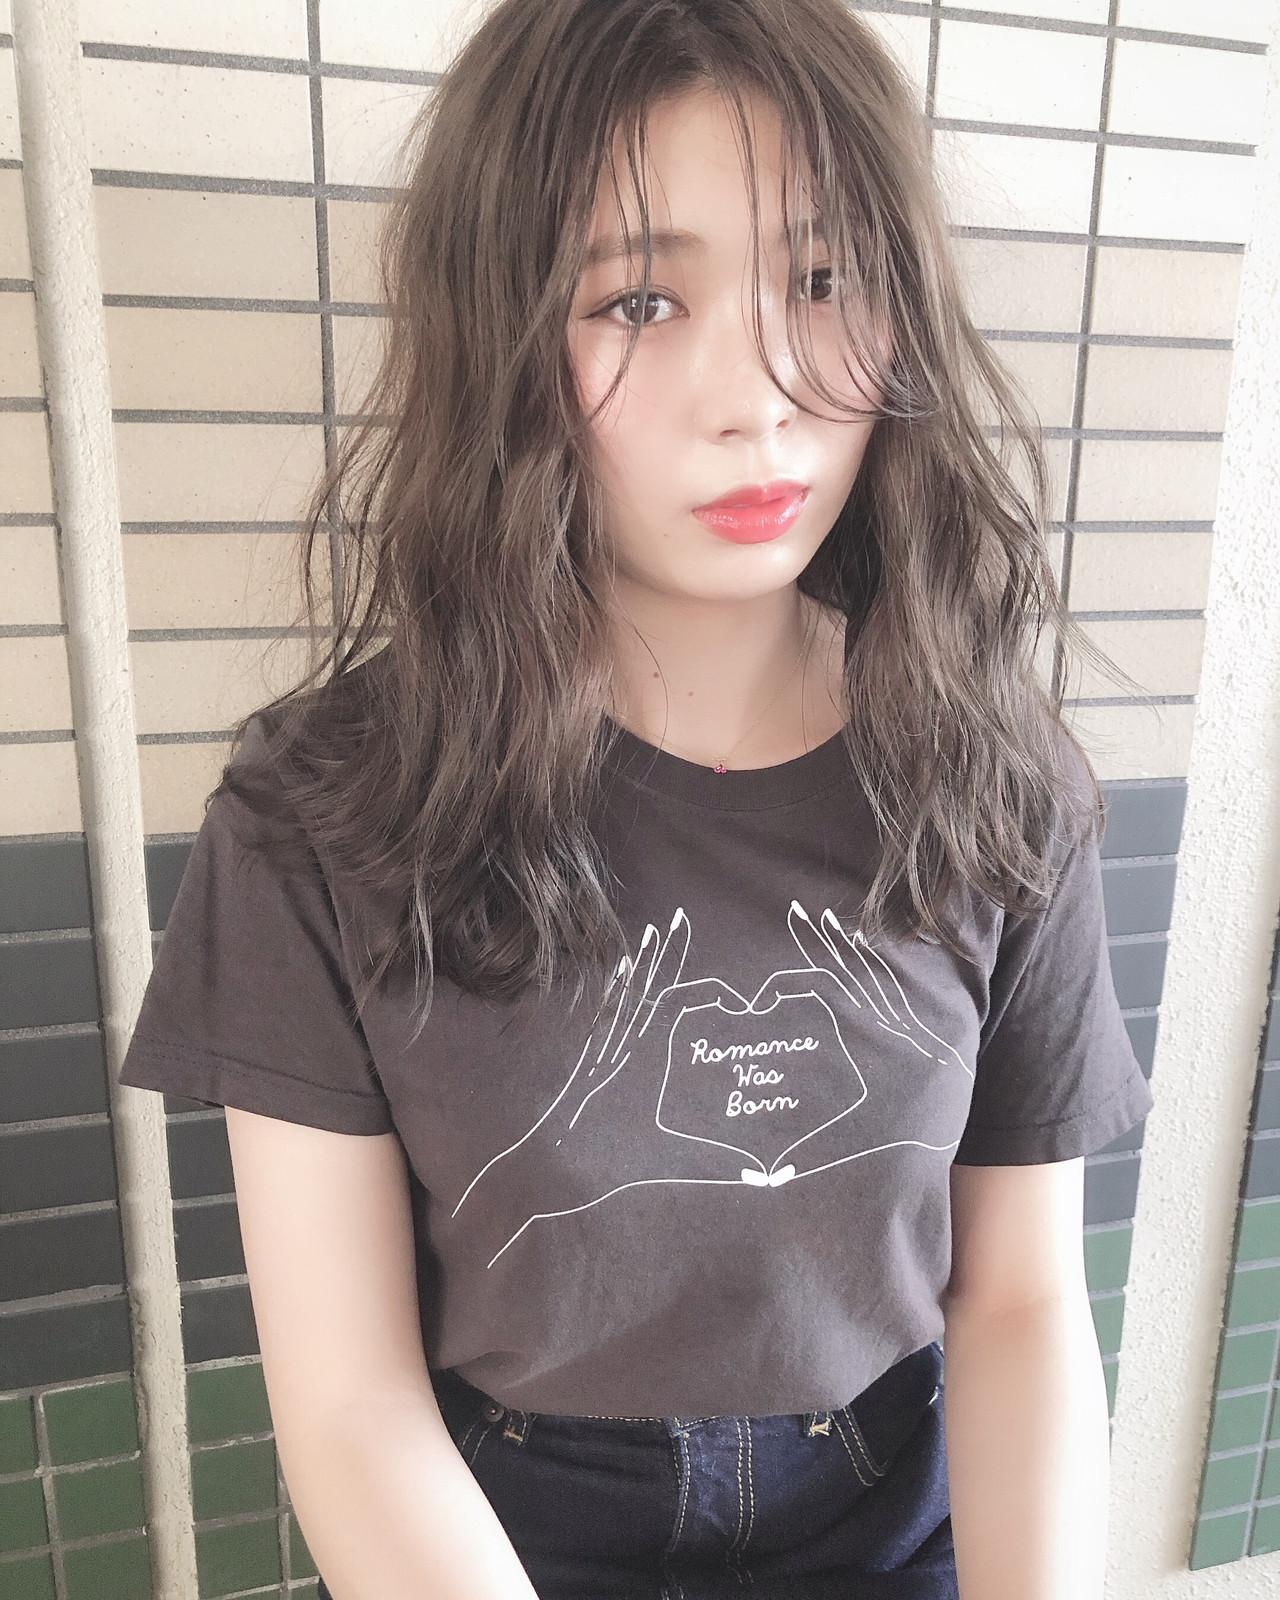 バレイヤージュ 外国人風フェミニン ナチュラル 3Dハイライト ヘアスタイルや髪型の写真・画像